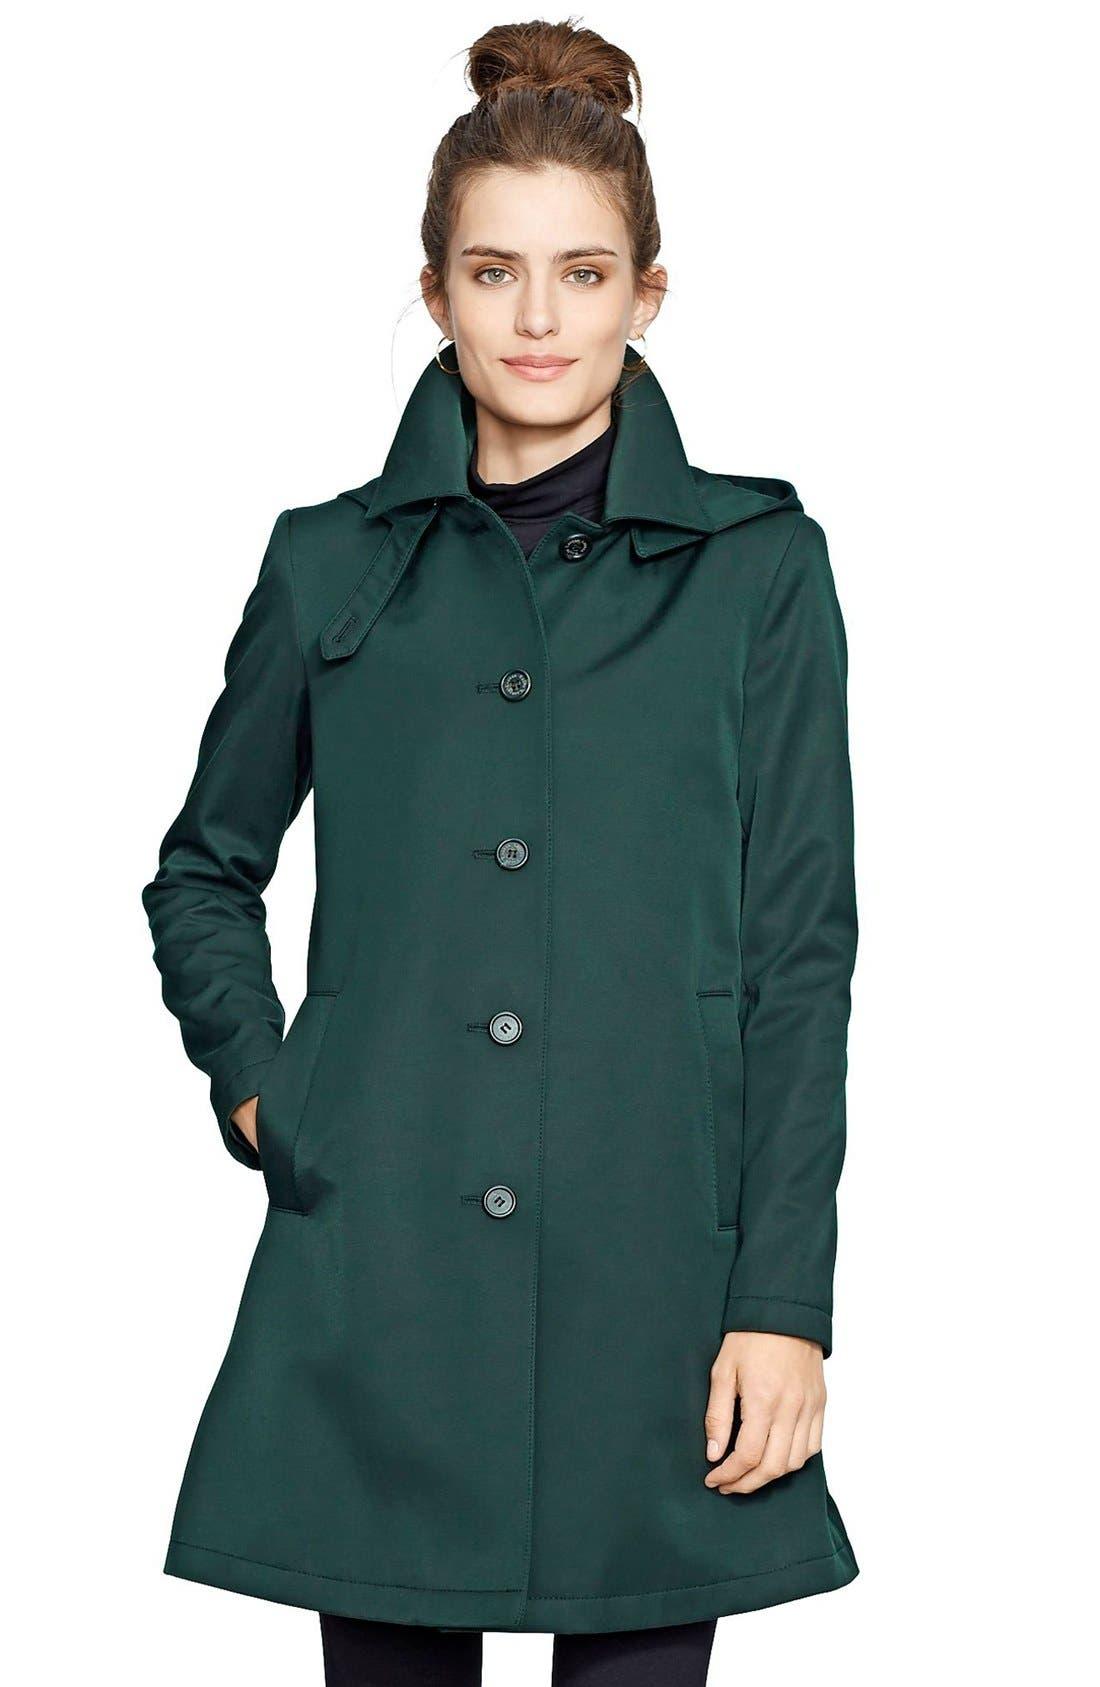 Alternate Image 1 Selected - Lauren Ralph Lauren A-Line Raincoat (Regular & Petite) (Nordstrom Exclusive)